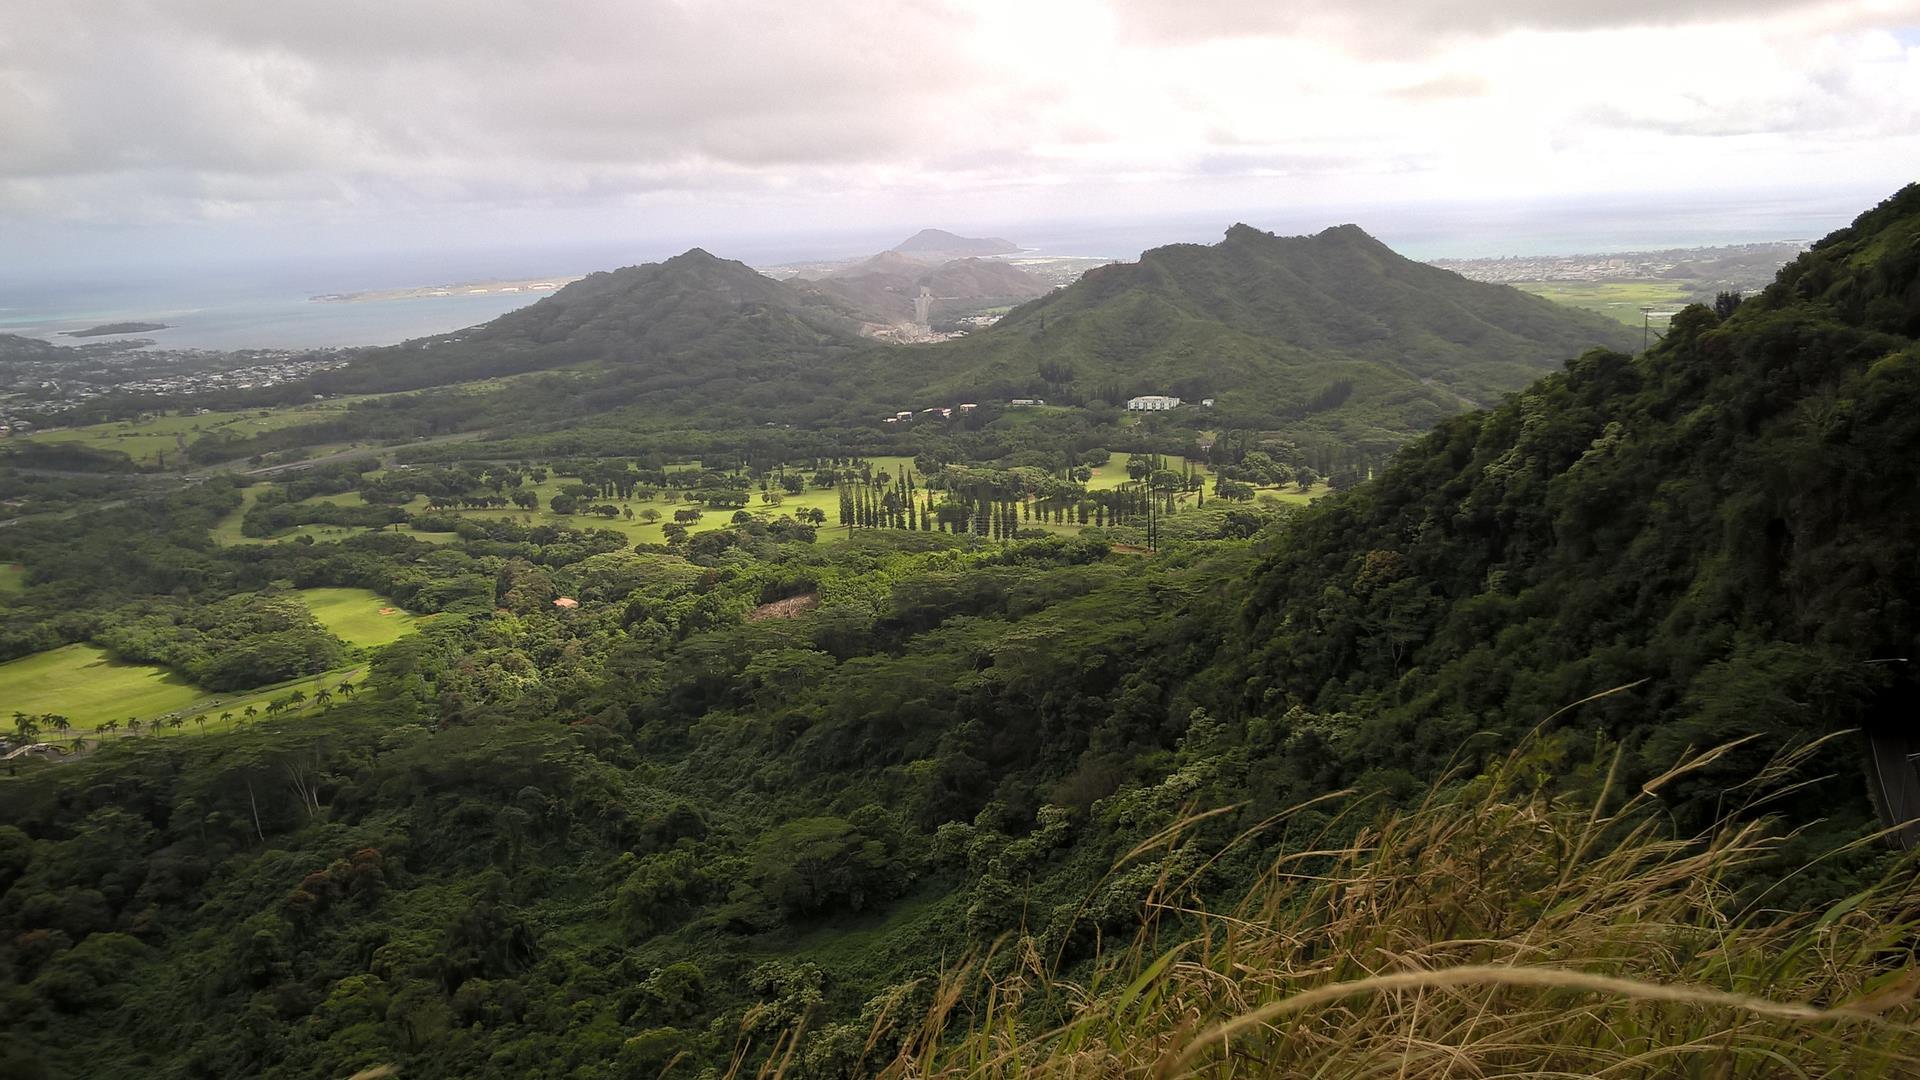 ... von Honolulu. Es wirkt alles viel Naturbelassener.